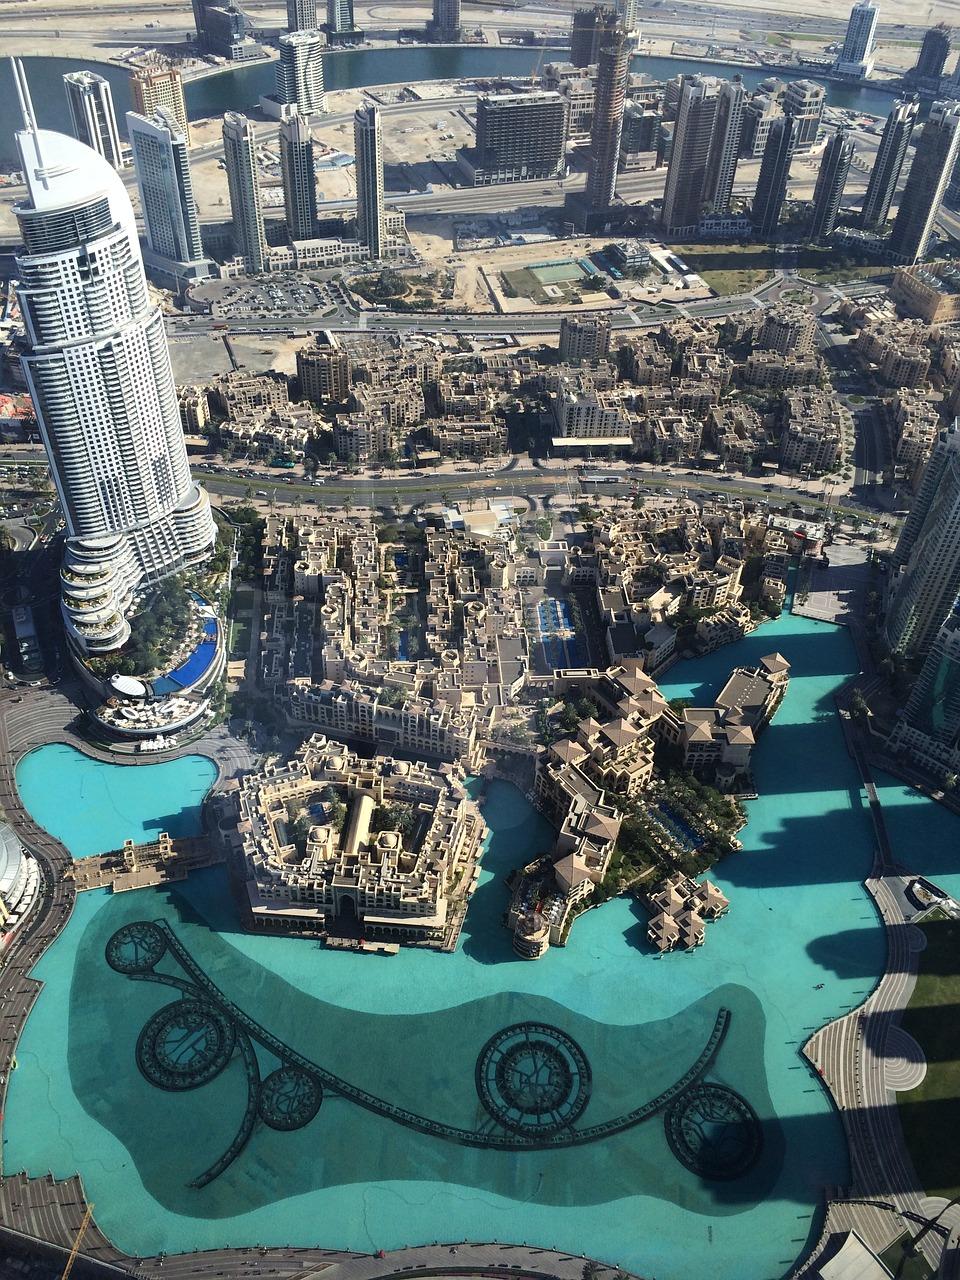 Die Aussicht auf 452 Metern Höhe im höchsten Gebäude der Welt